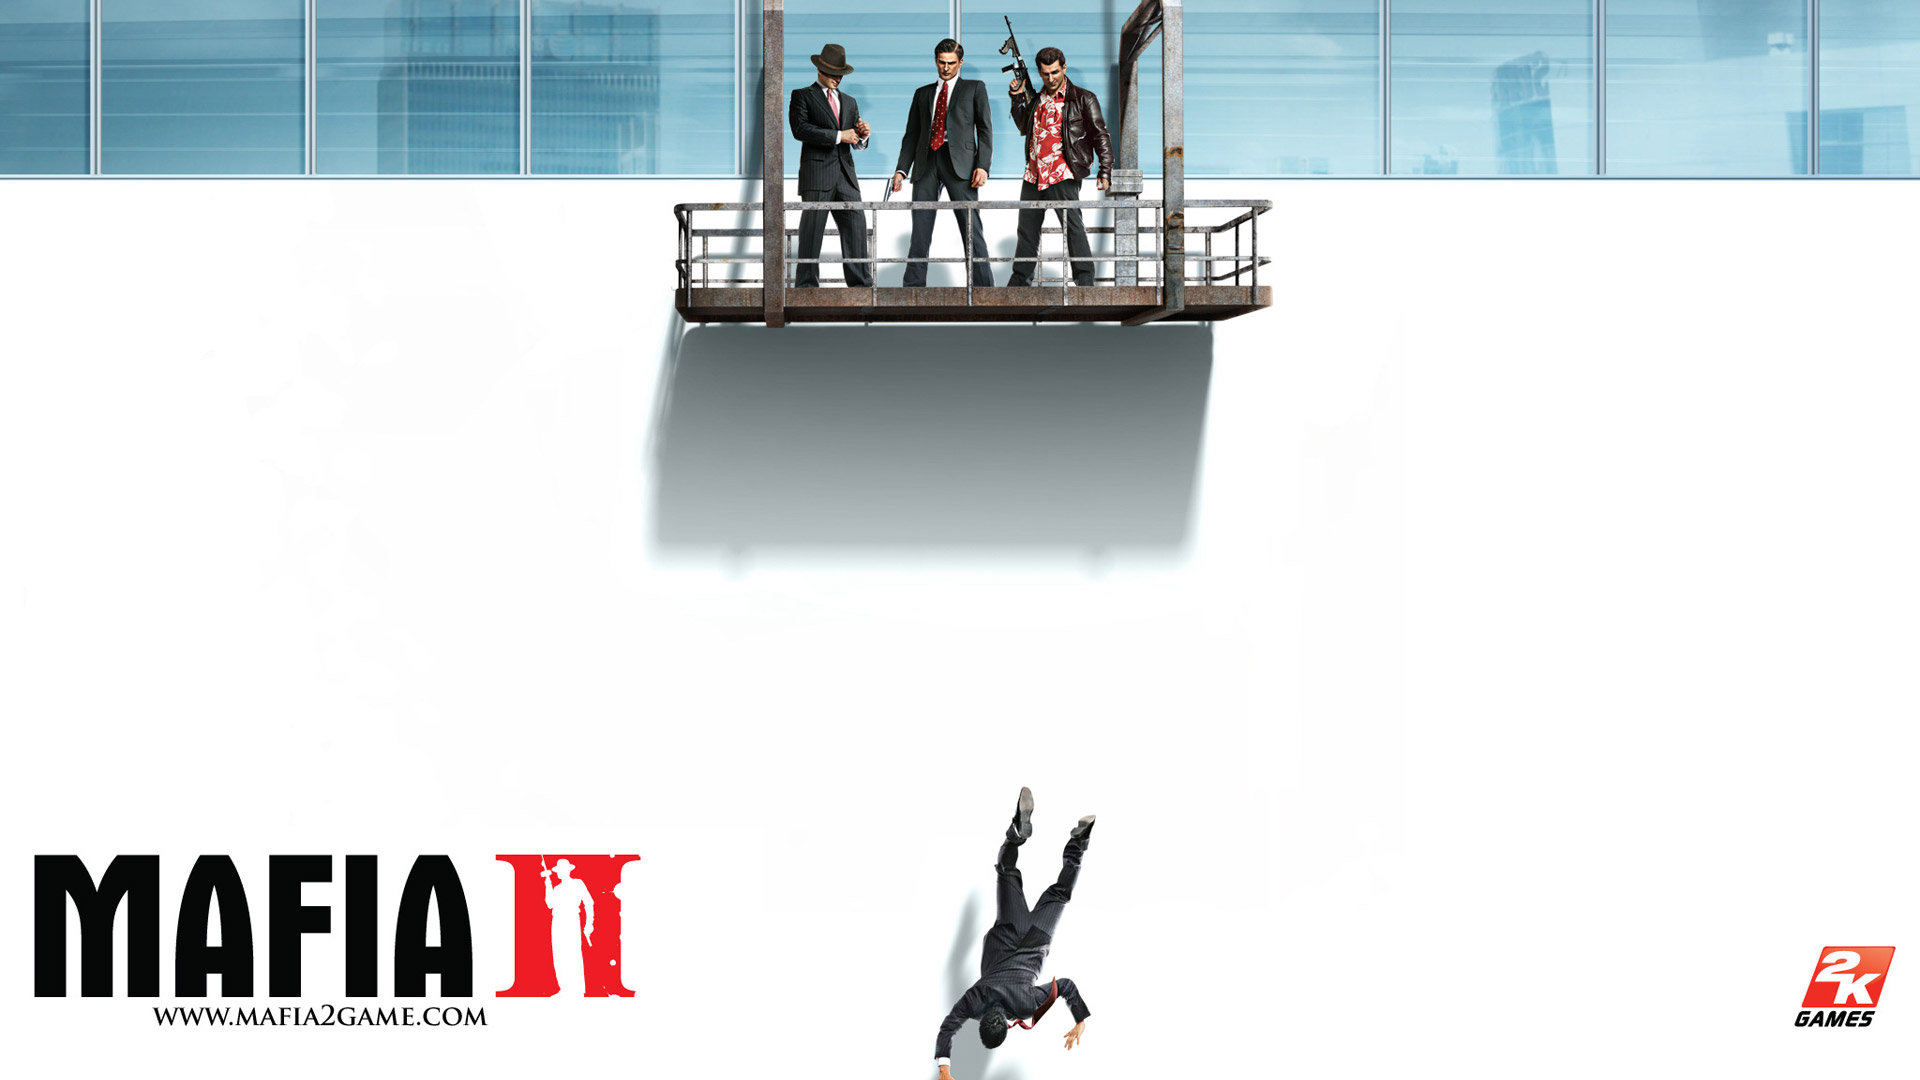 Mafia 2 wallpaper 9